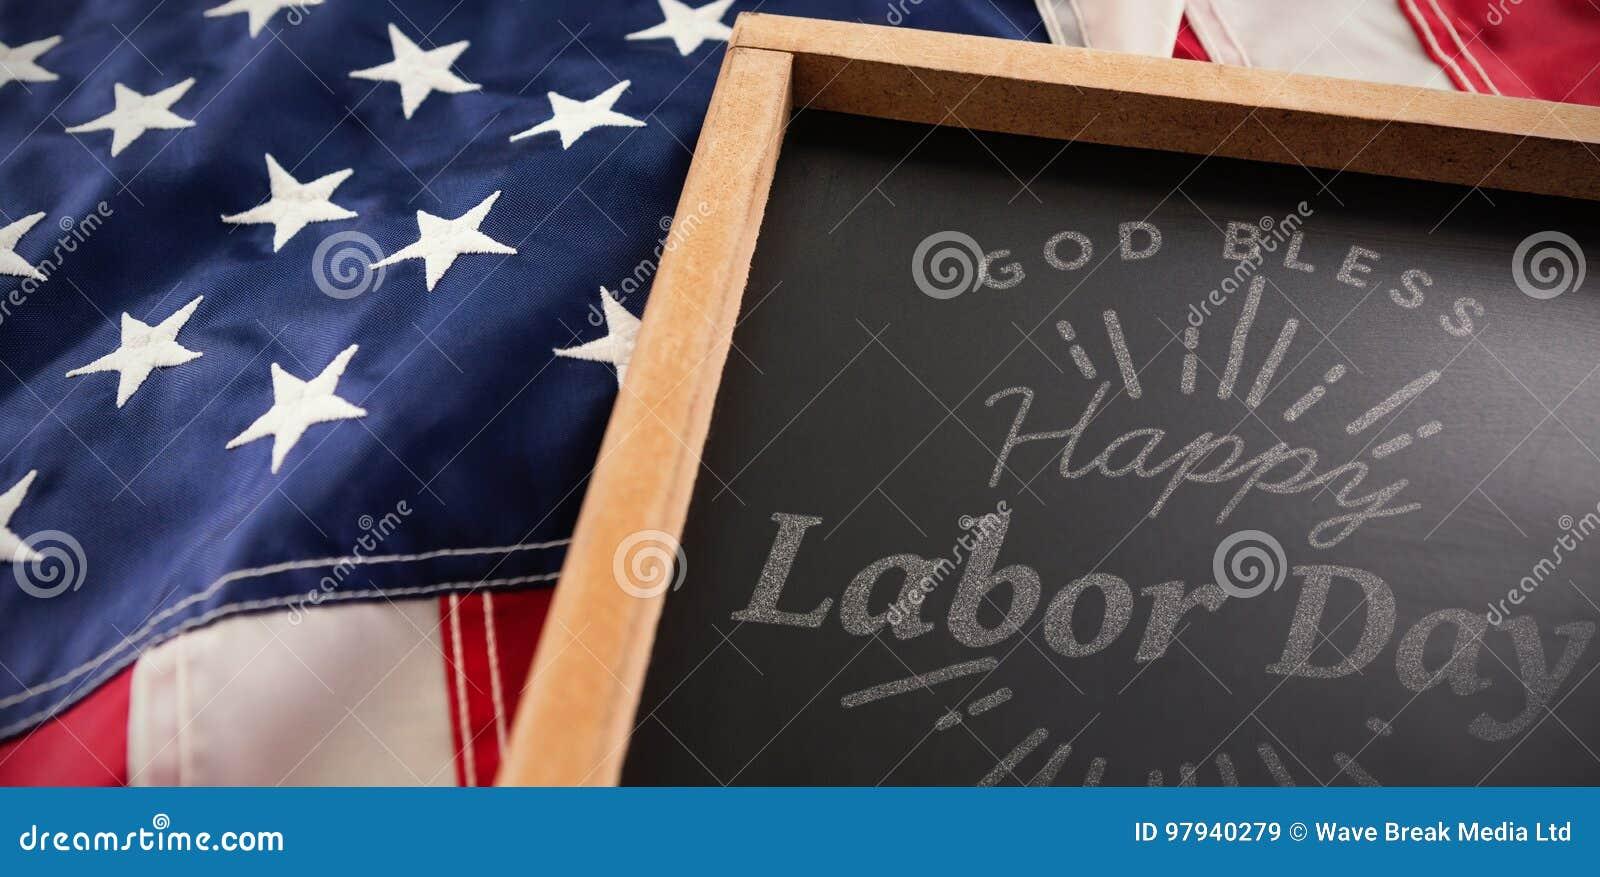 Η σύνθετη εικόνα της ψηφιακής σύνθετης εικόνας της ευτυχούς Εργατικής Ημέρας και ο Θεός ευλογούν το κείμενο της Αμερικής